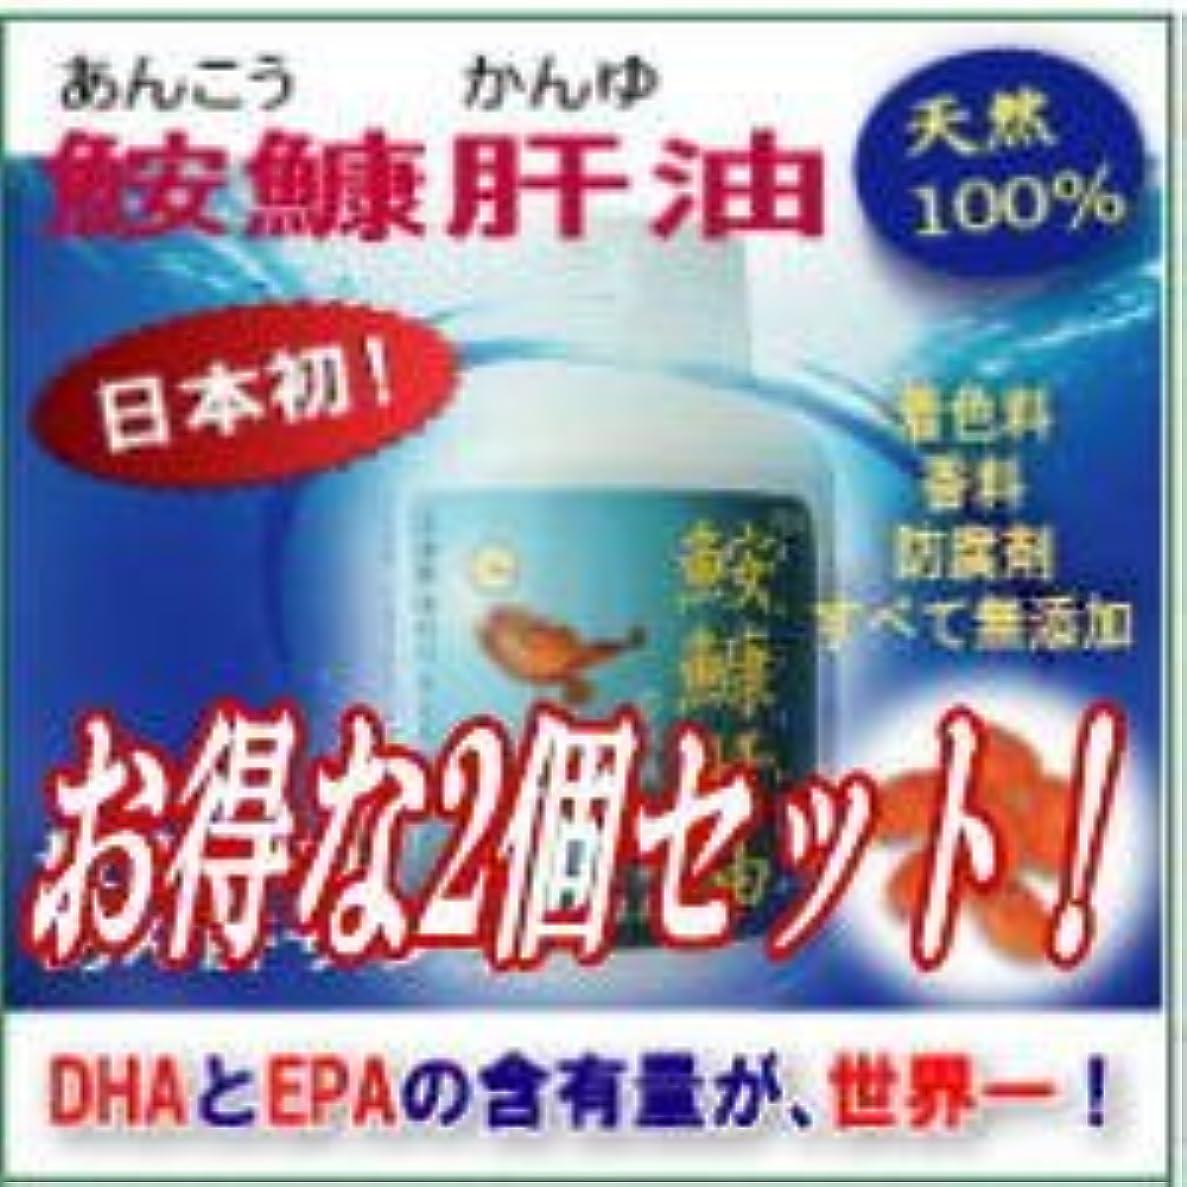 高めるマイナスかける【 鮟鱇肝油(あんこうかんゆ) お得な2個セット 】あん肝は栄養の宝庫です!DHA?EPAの含有量は他の動植物の中で世界一!